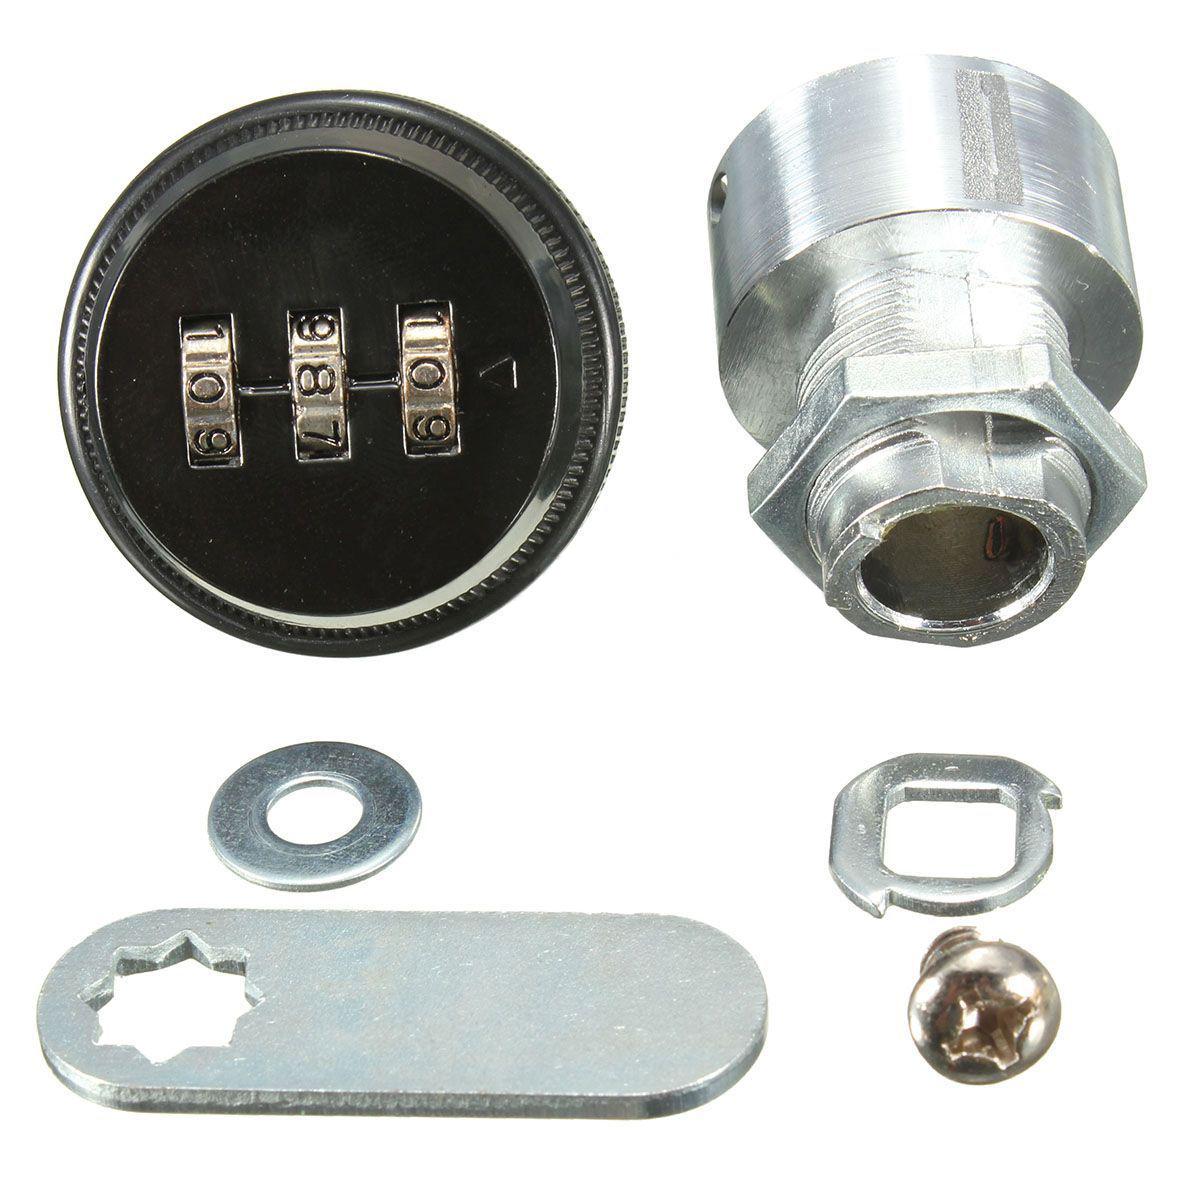 Cerradura de combinacion de codigo de aleacion sin llave de caja de correo del poste y de armario RV 3 Dial plata Cerradura de combinacion de codigo R TOOGOO